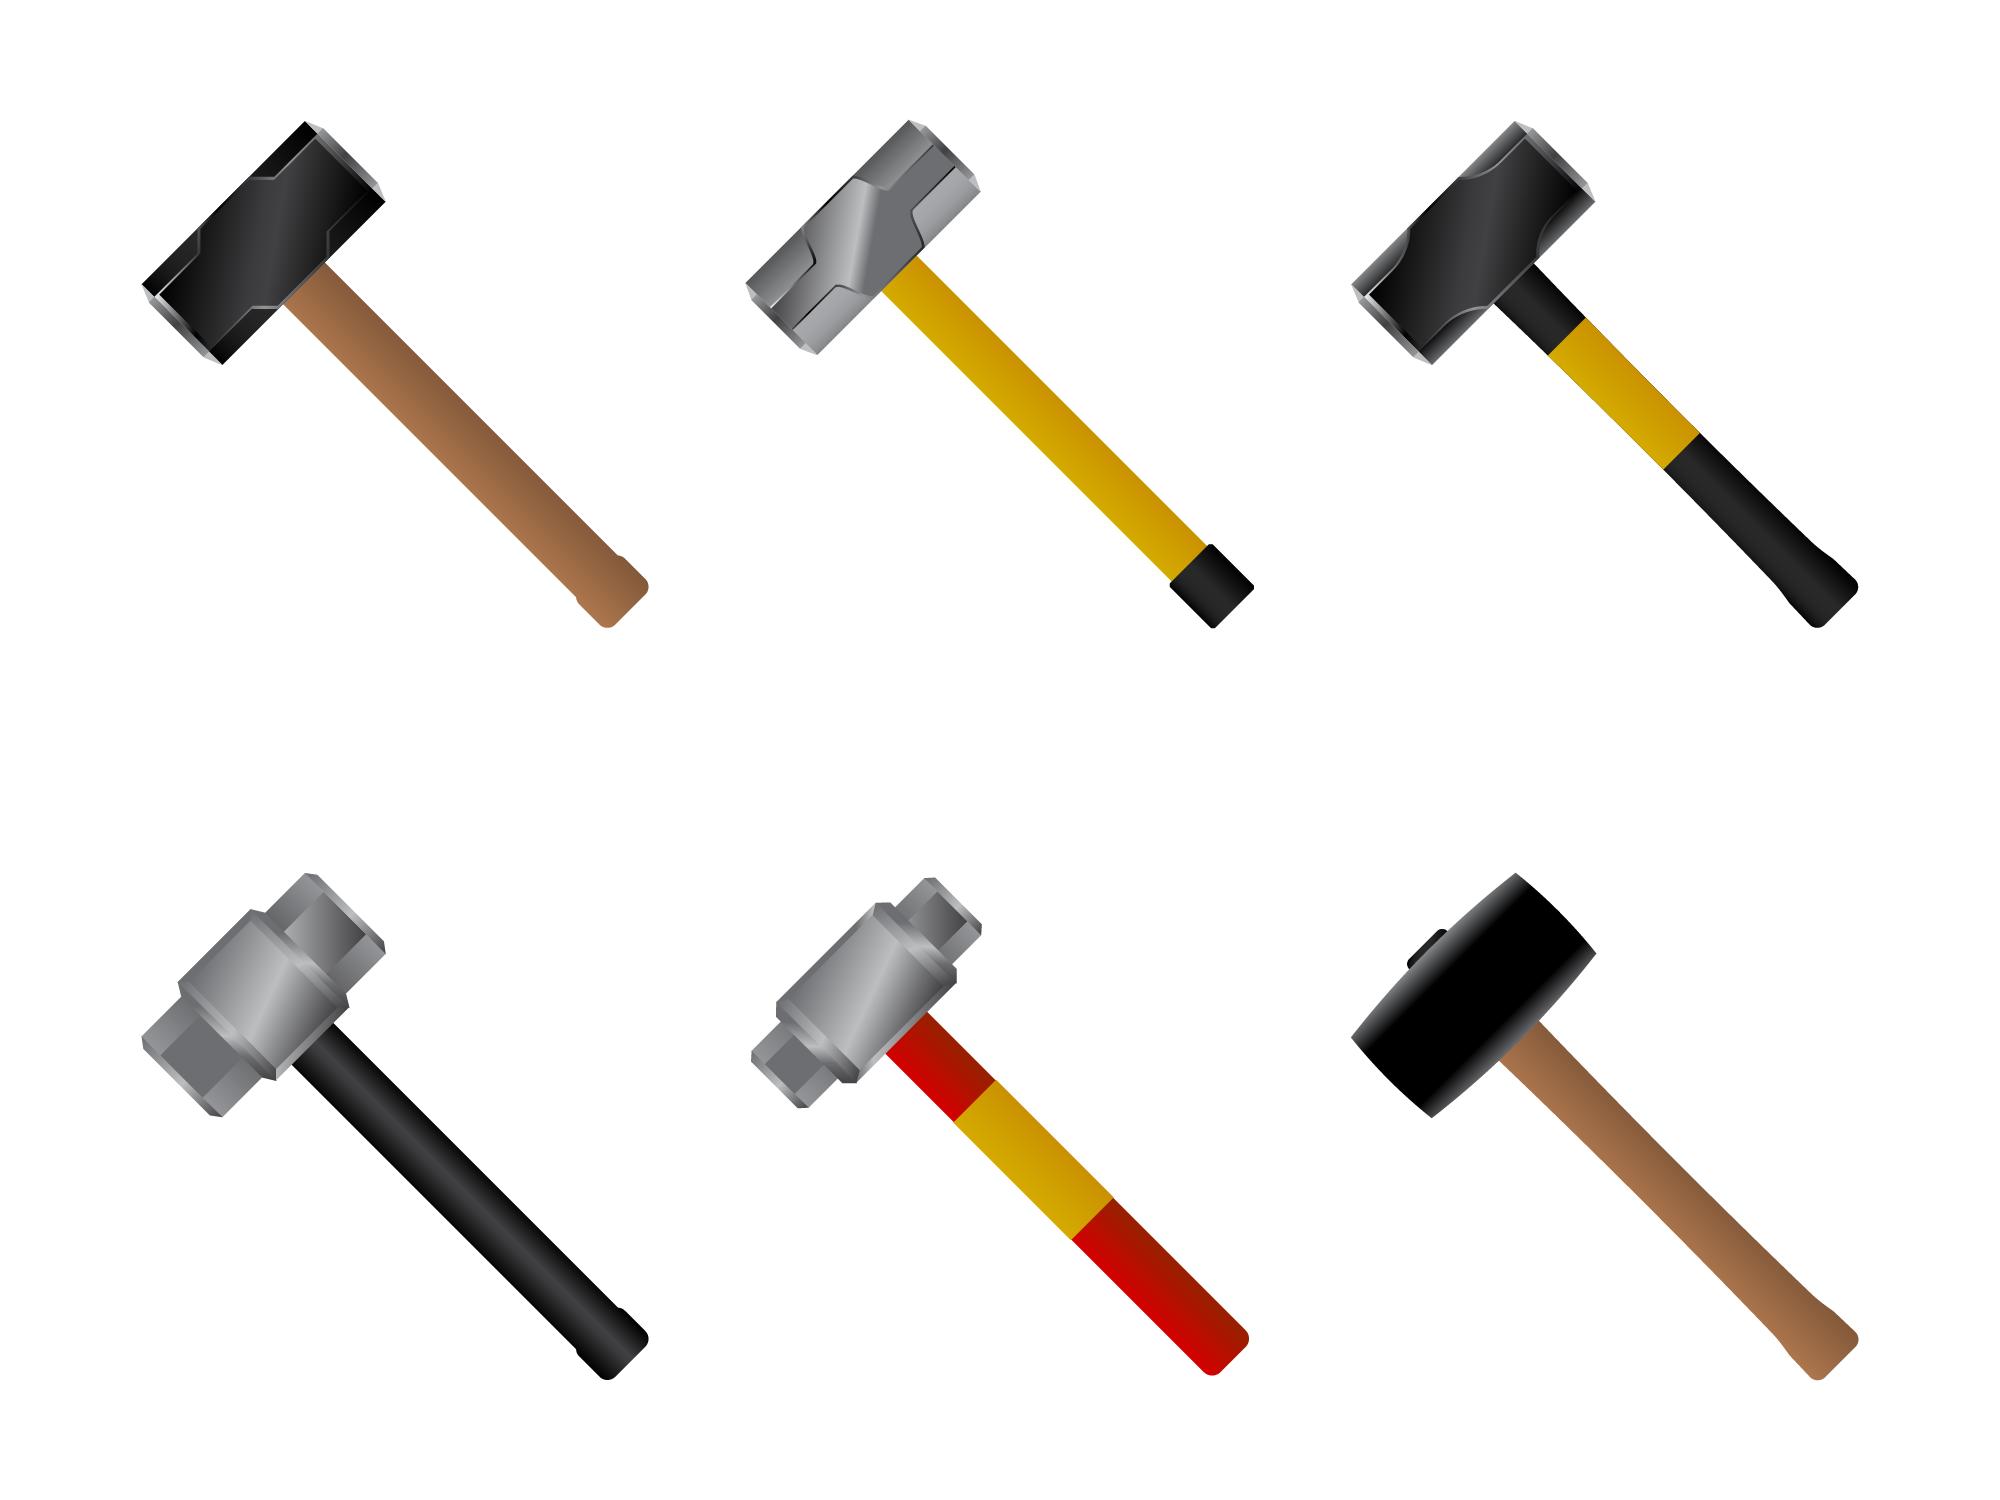 3D Sledgehammer Vector - Download Free Vector Art, Stock ...